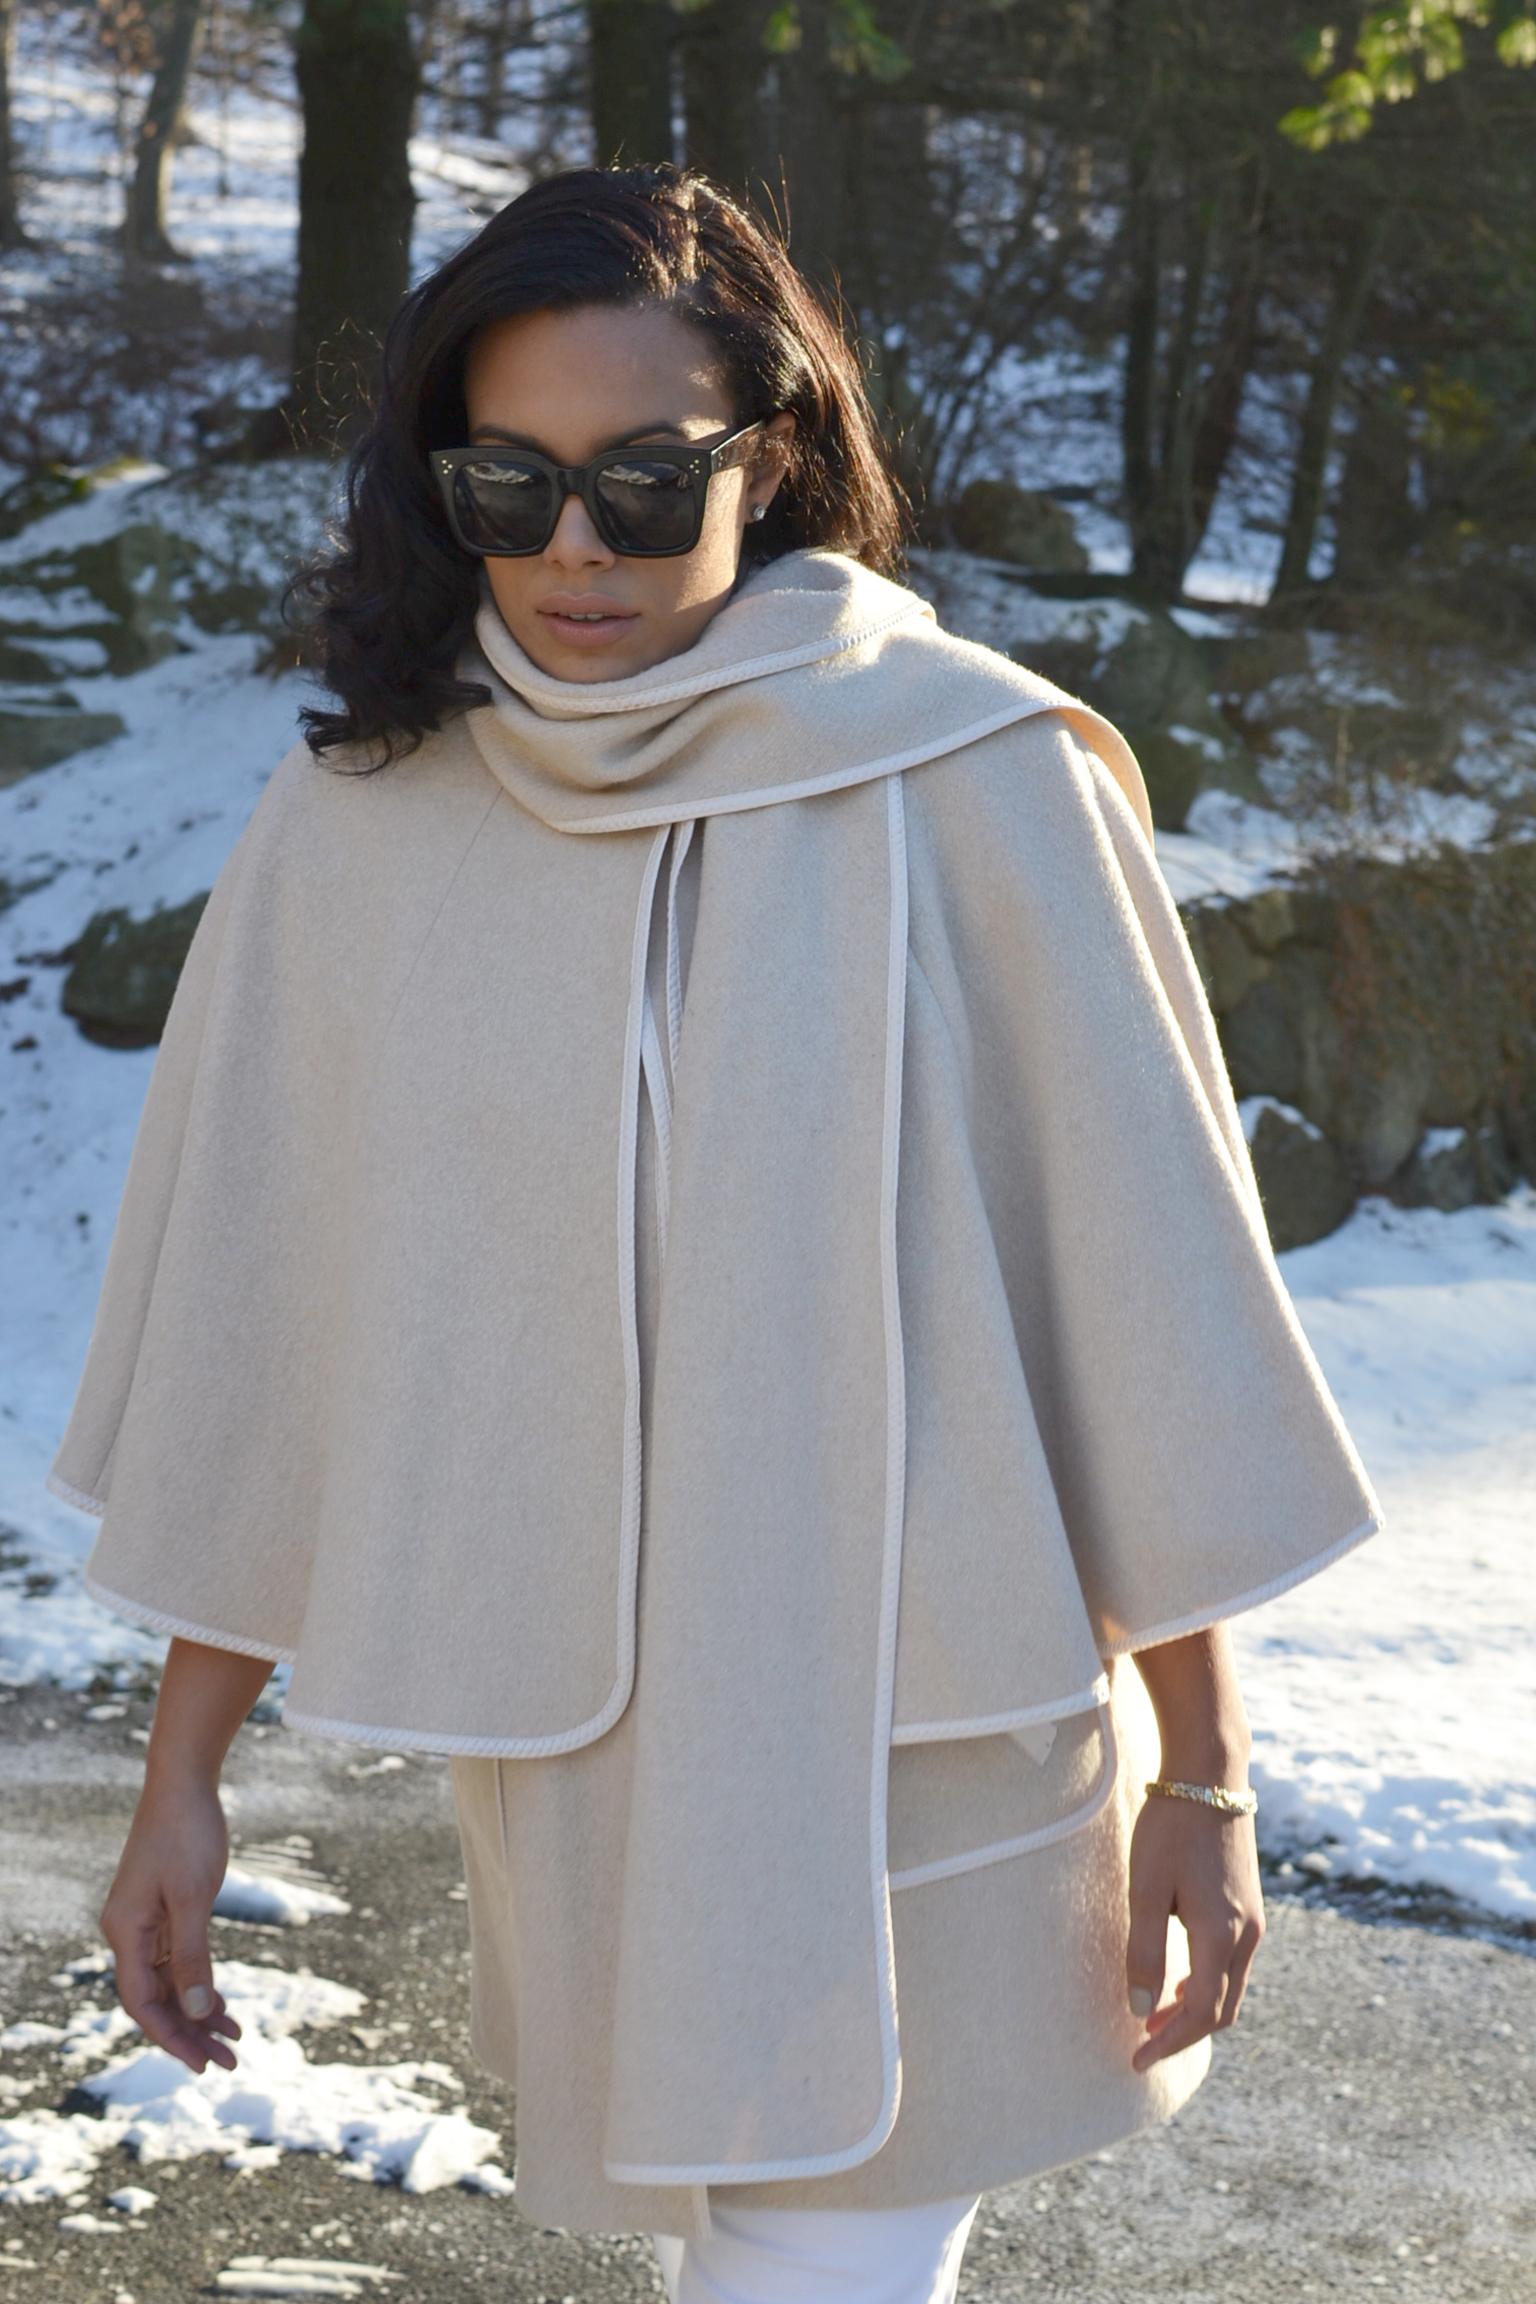 winter-white-how-to-wear-hm-wool-cape-zara-white-jeans-shoemint-pumps-celine-sunglasses.jpg